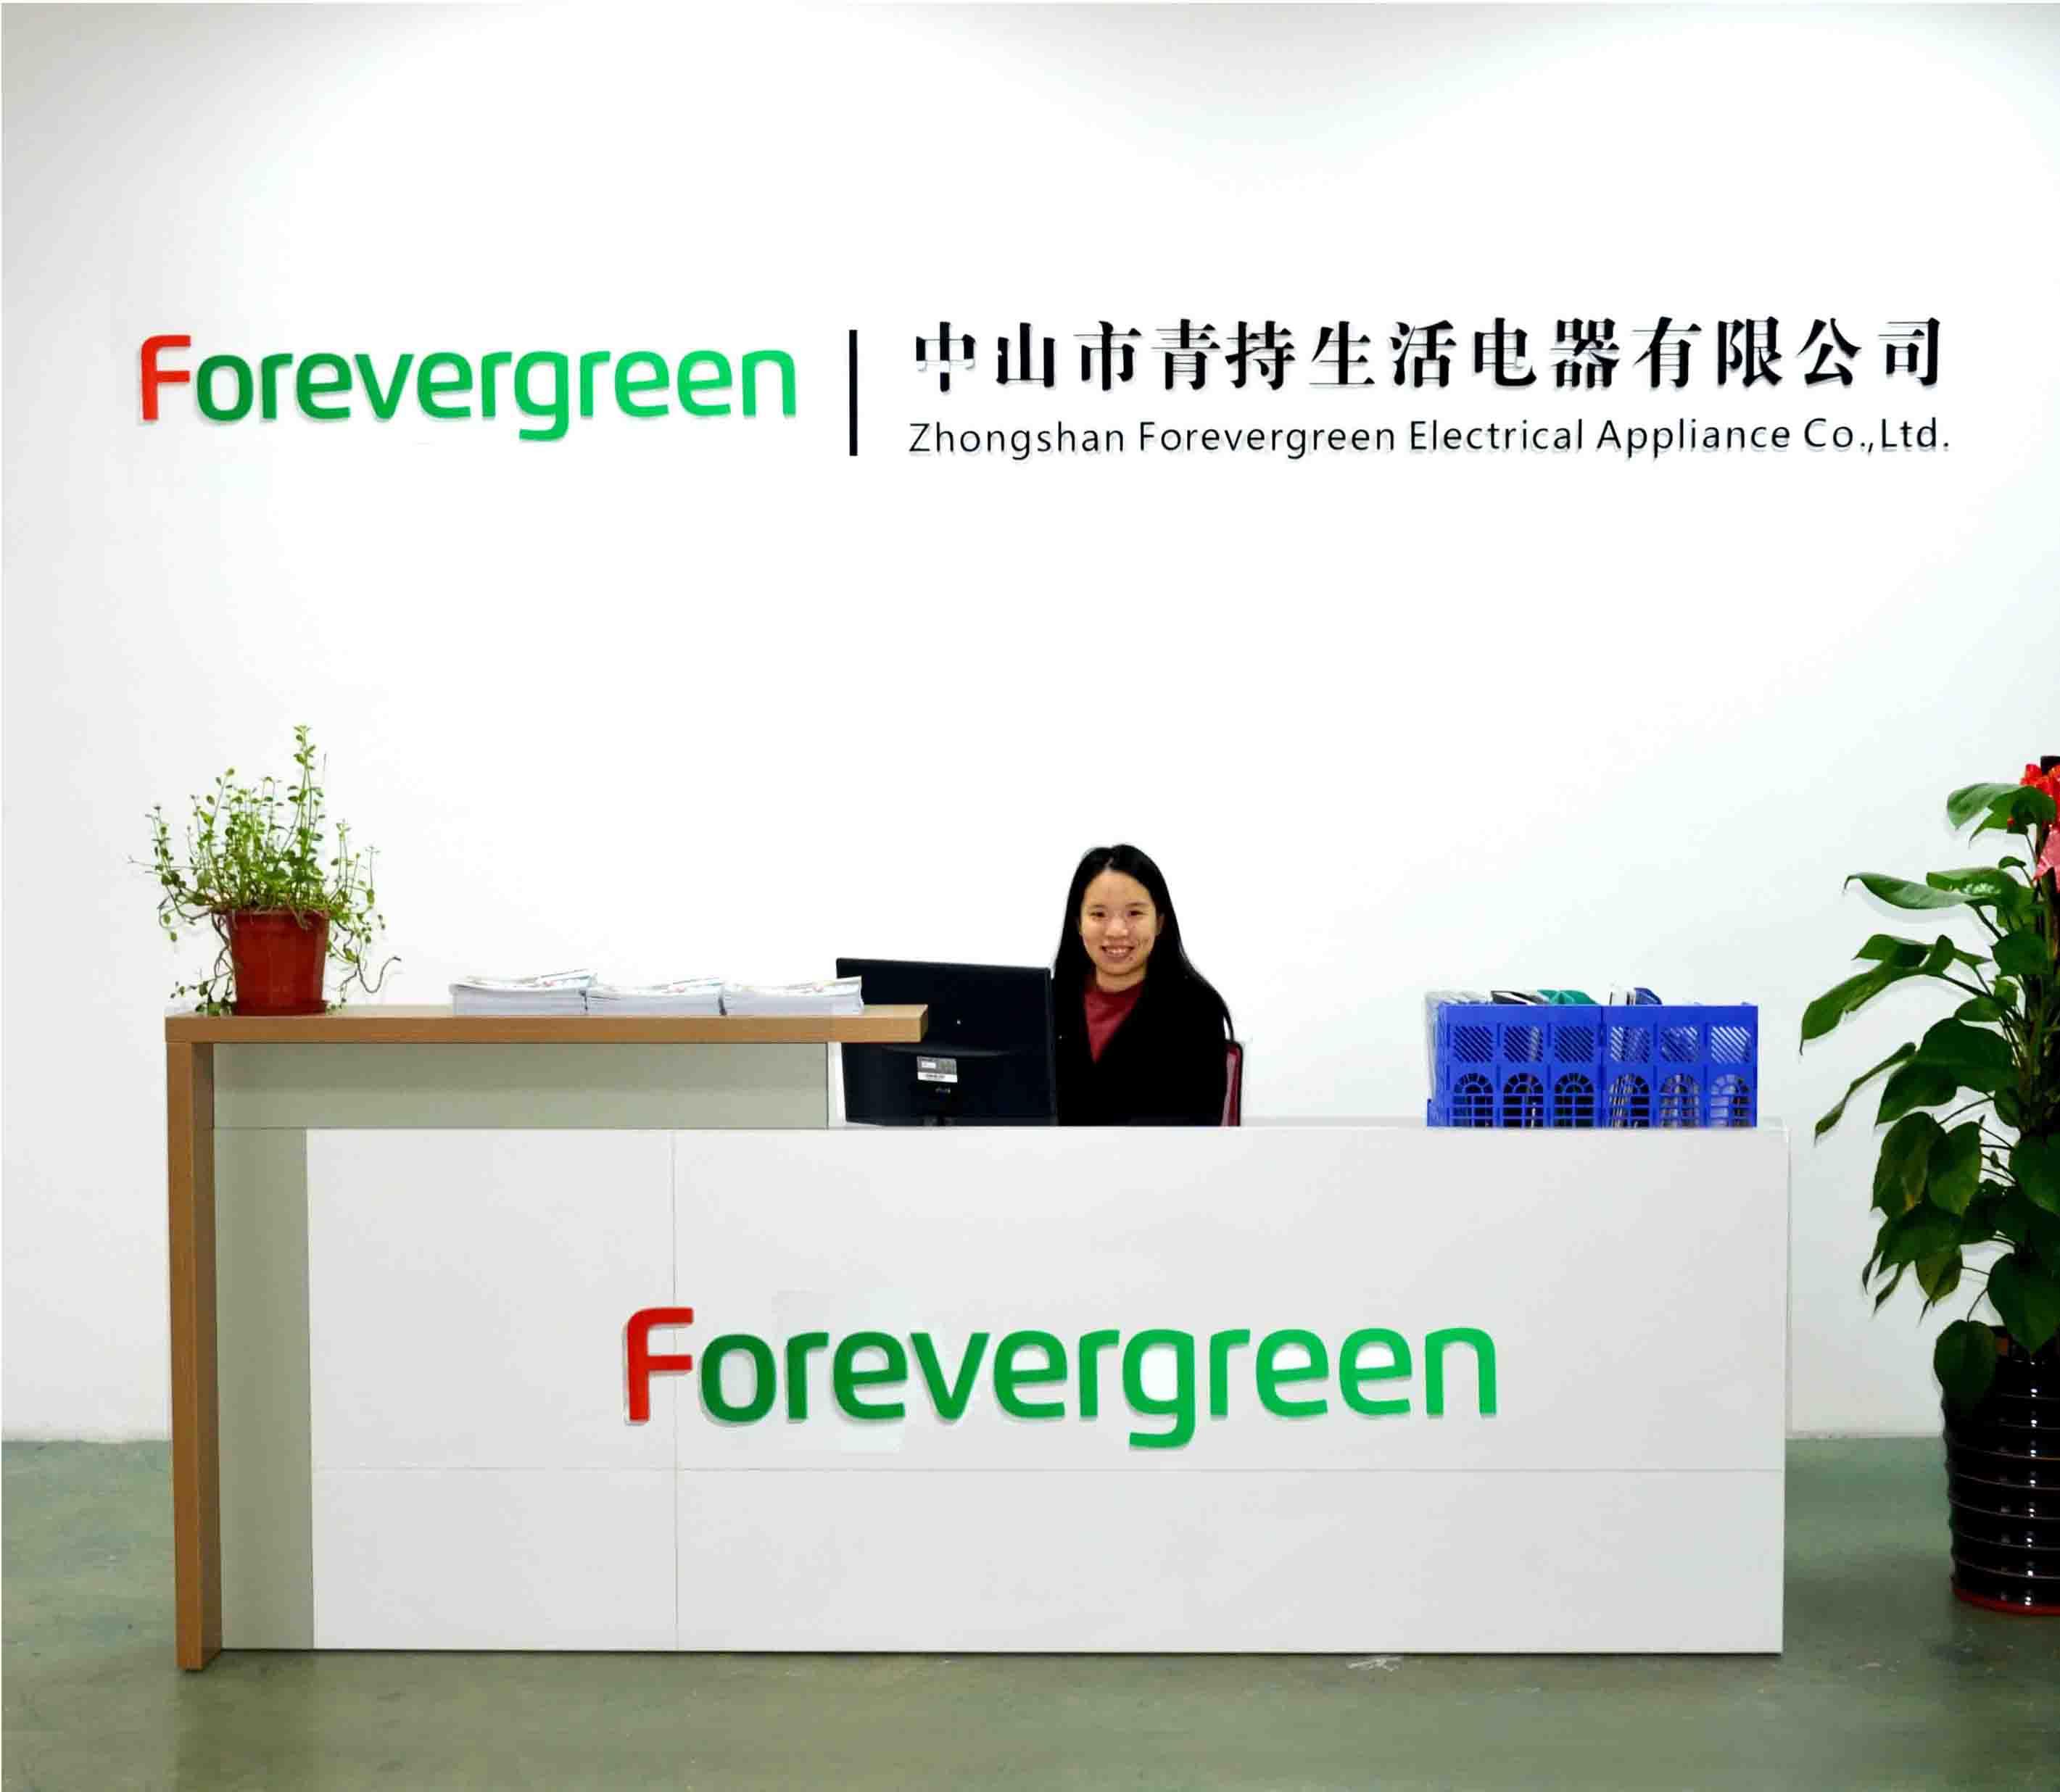 中山市青持生活电器有限公司 _才通国际人才网_job001.cn